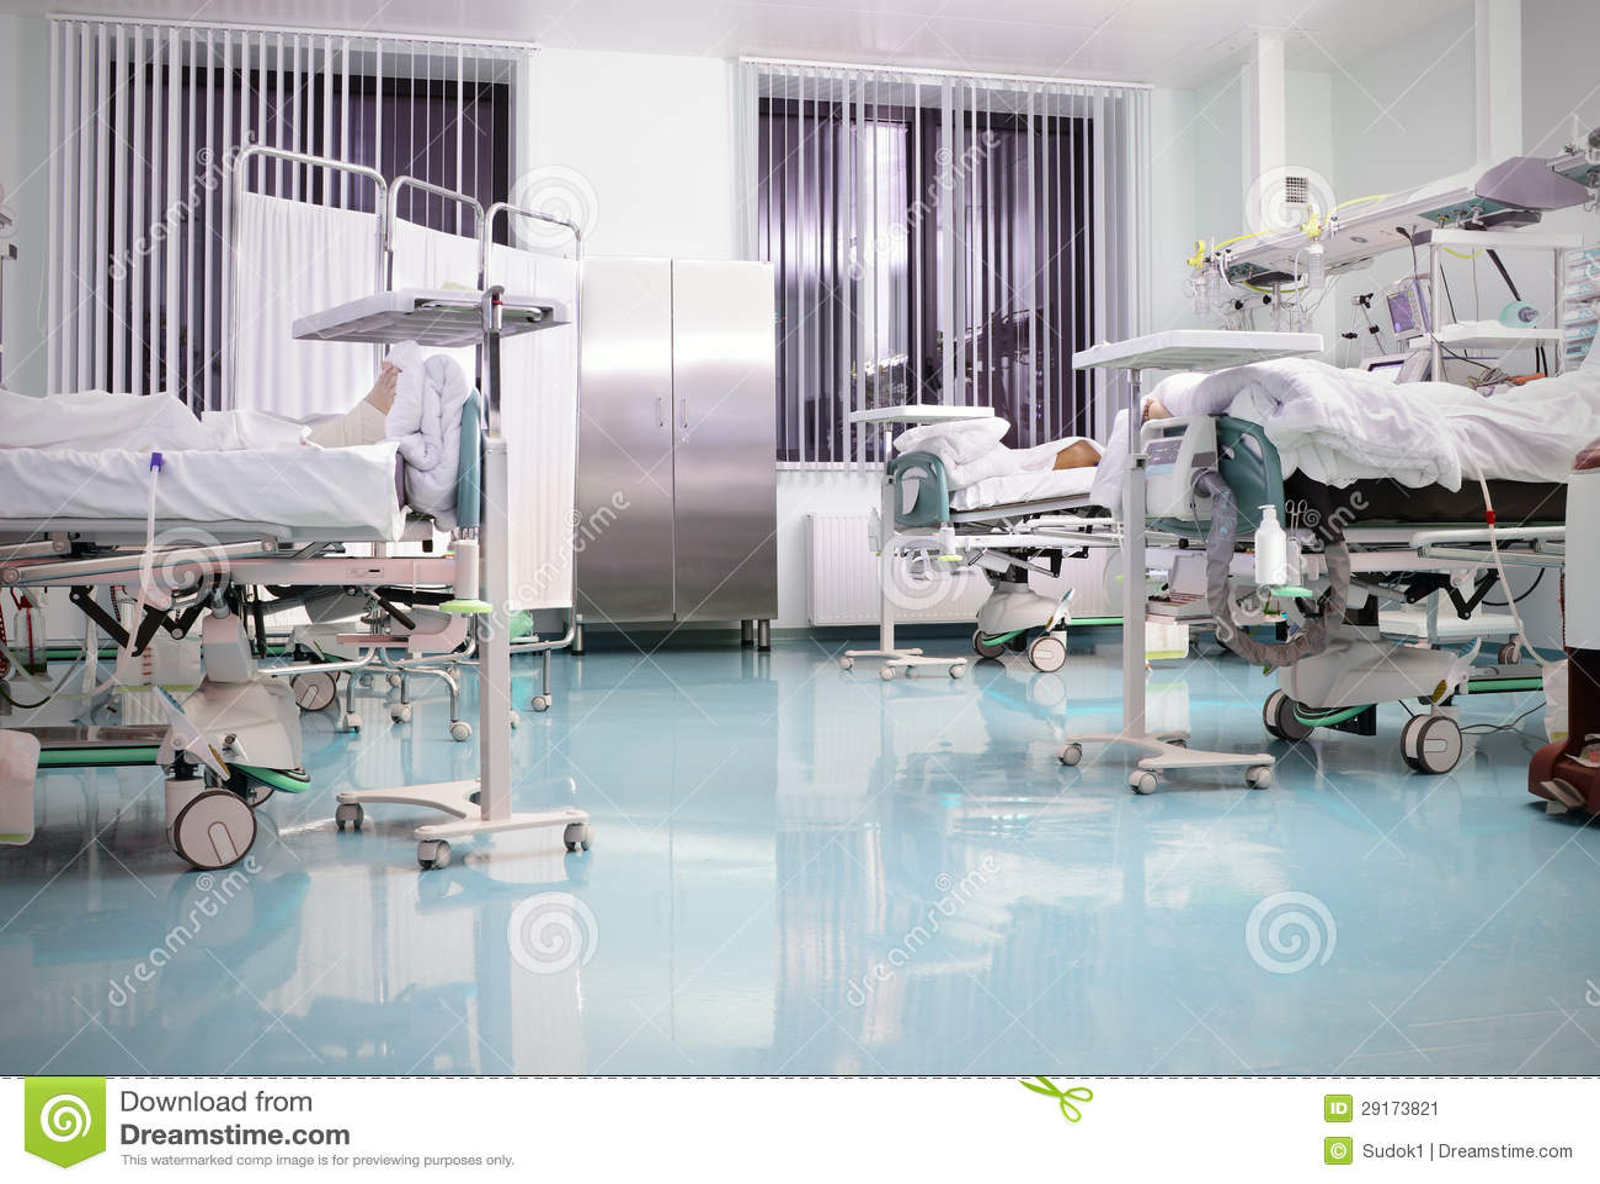 Fußboden Im Krankenhaus ~ Medizinische betten mit patienten im krankenhaus. stockbild bild